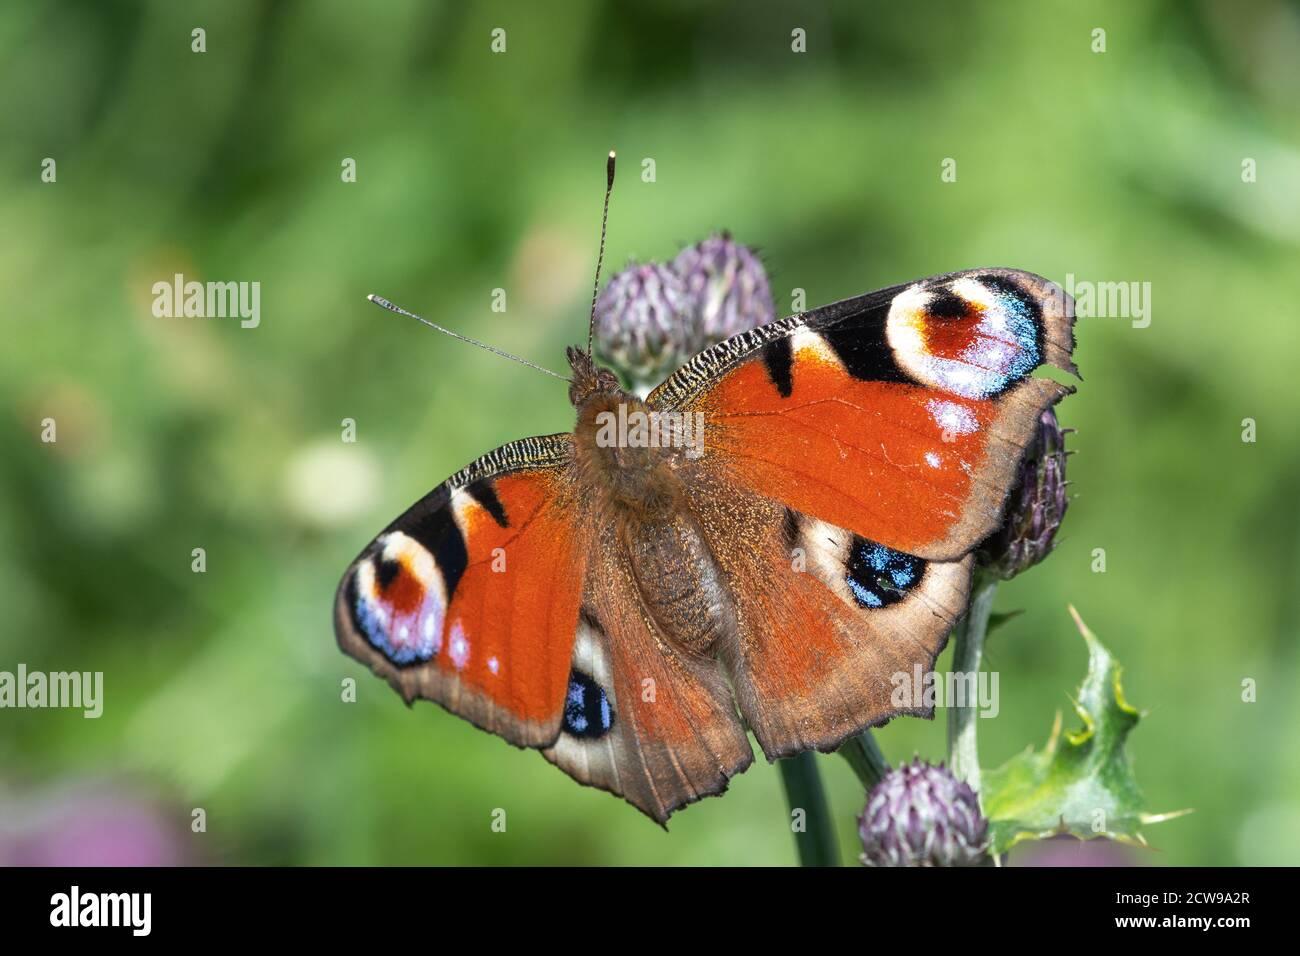 Primer plano de una mariposa de pavo real (aglais io) en una flor Foto de stock